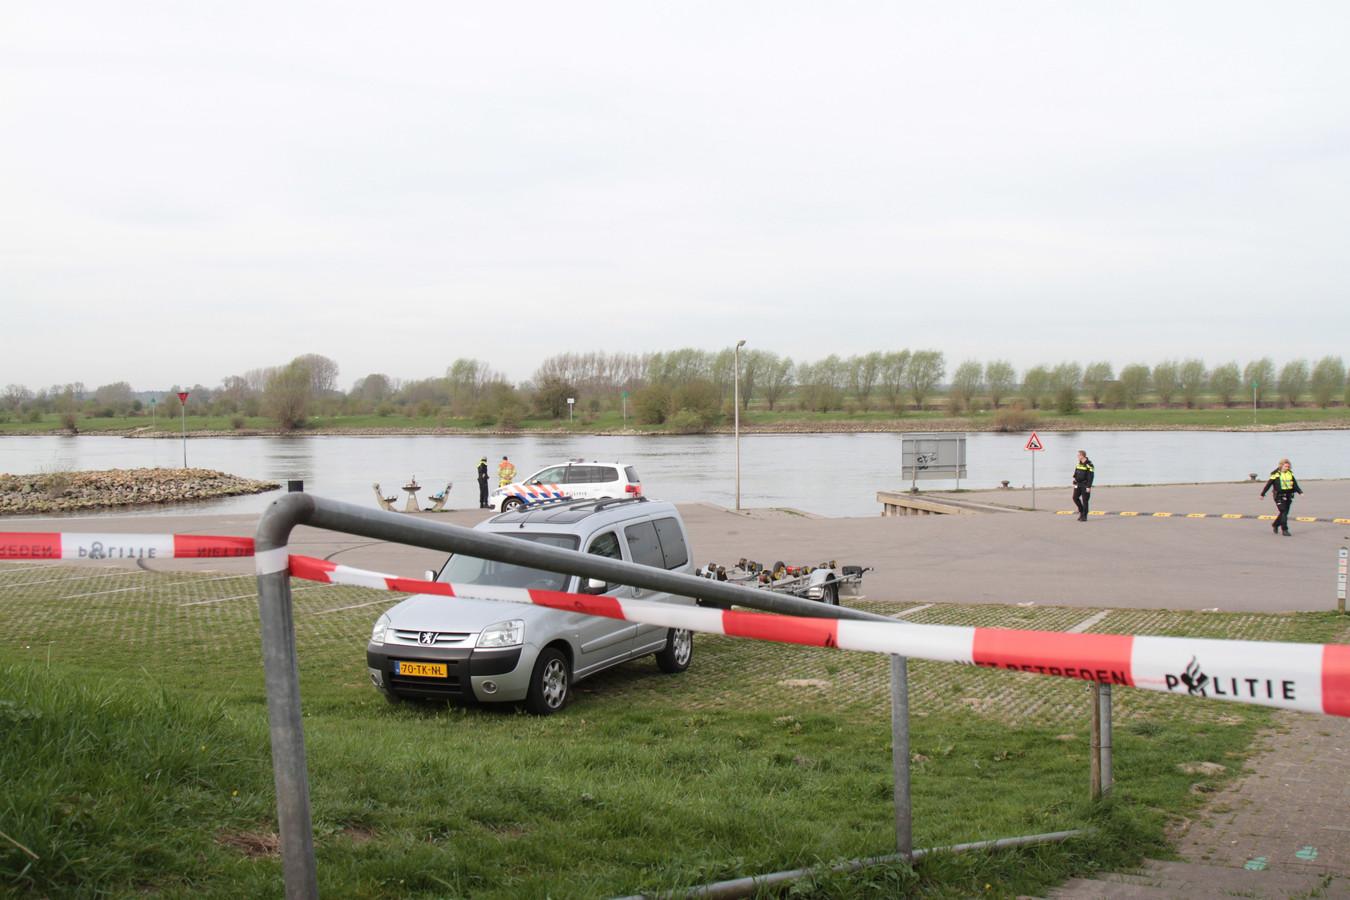 De politie zoekt naar een vermist persoon in Wijhe